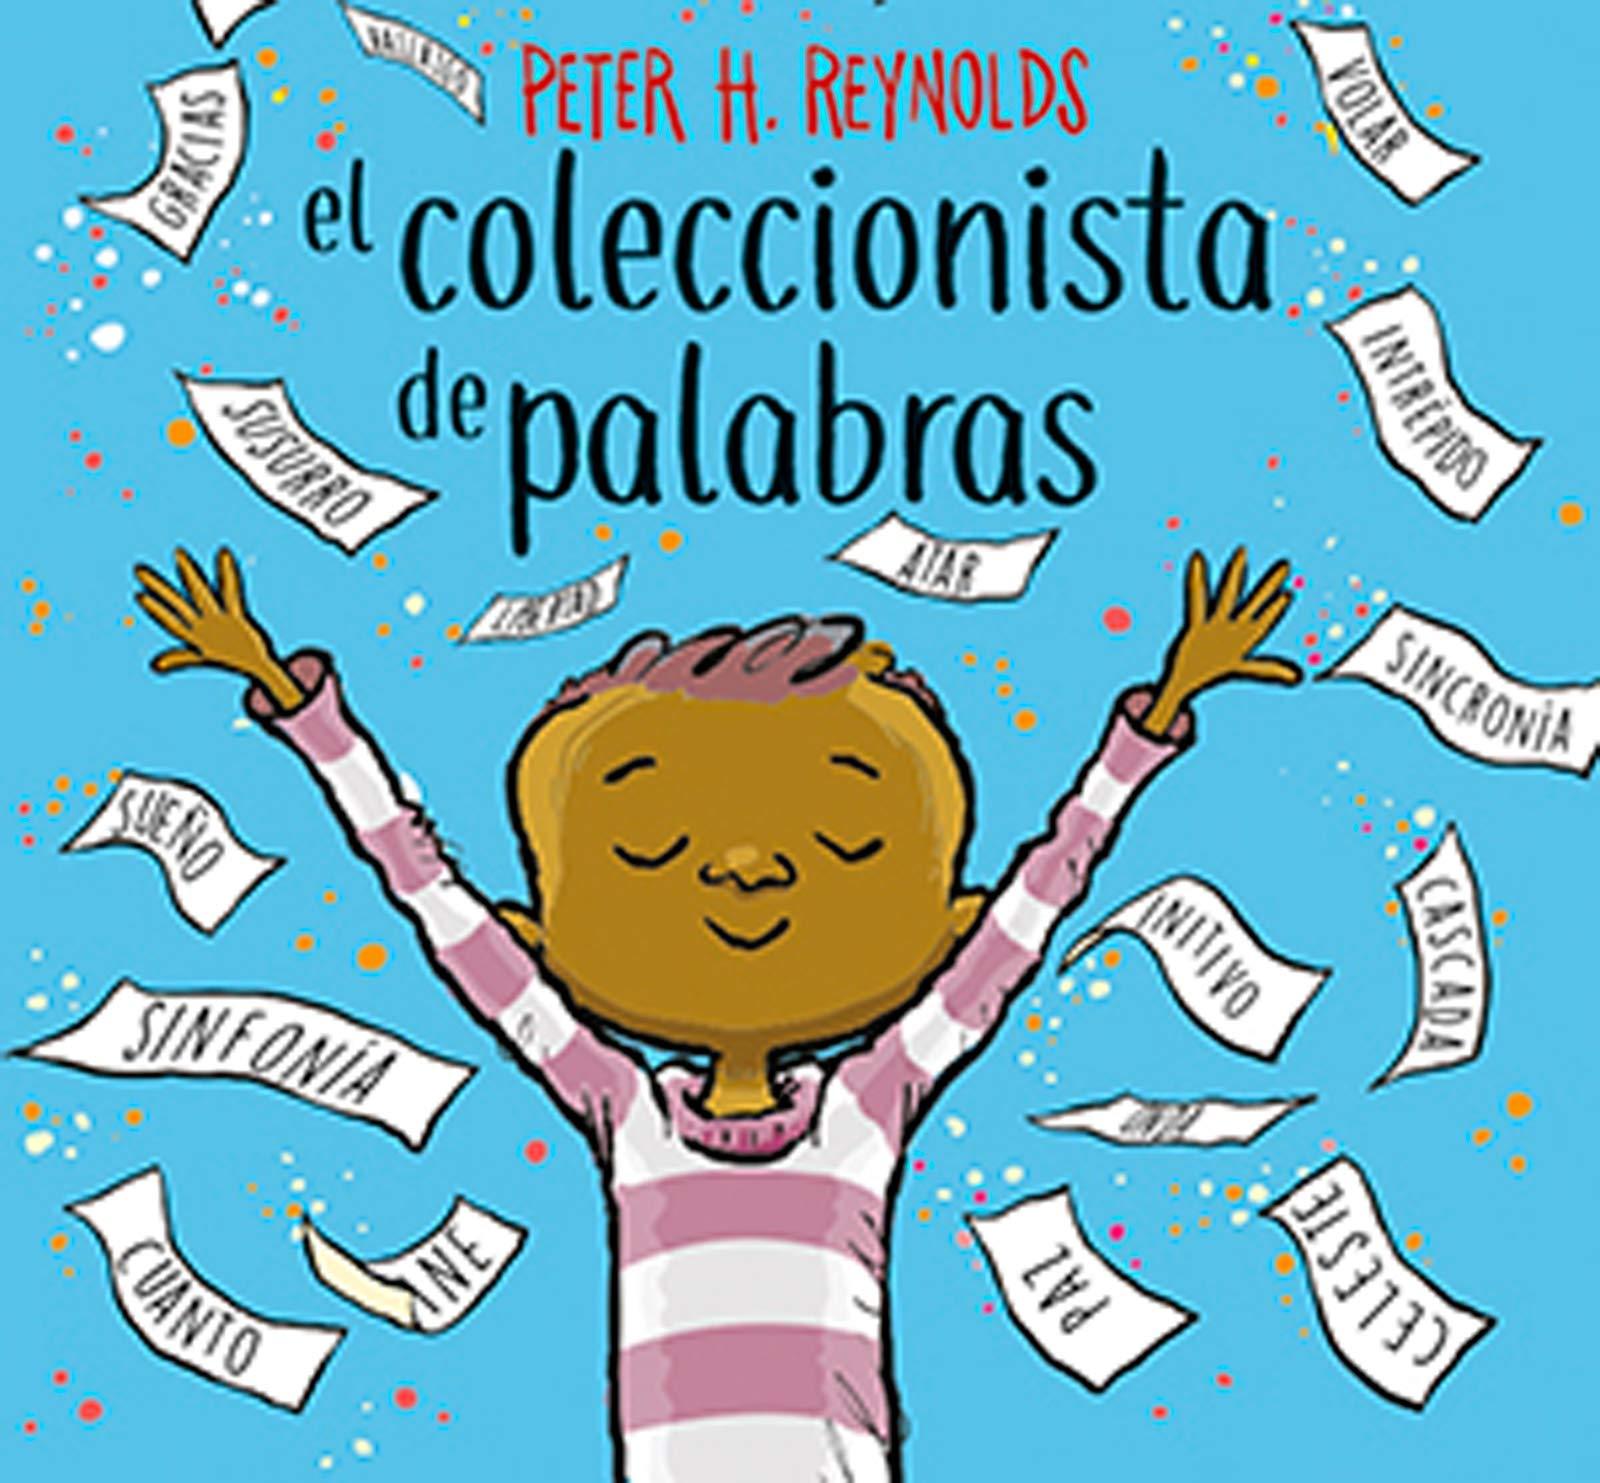 El coleccionista de palabras (COFRE ENCANTADO): Amazon.es: PETER H.  REYNOLDS, Gemma Rovira Ortega: Libros